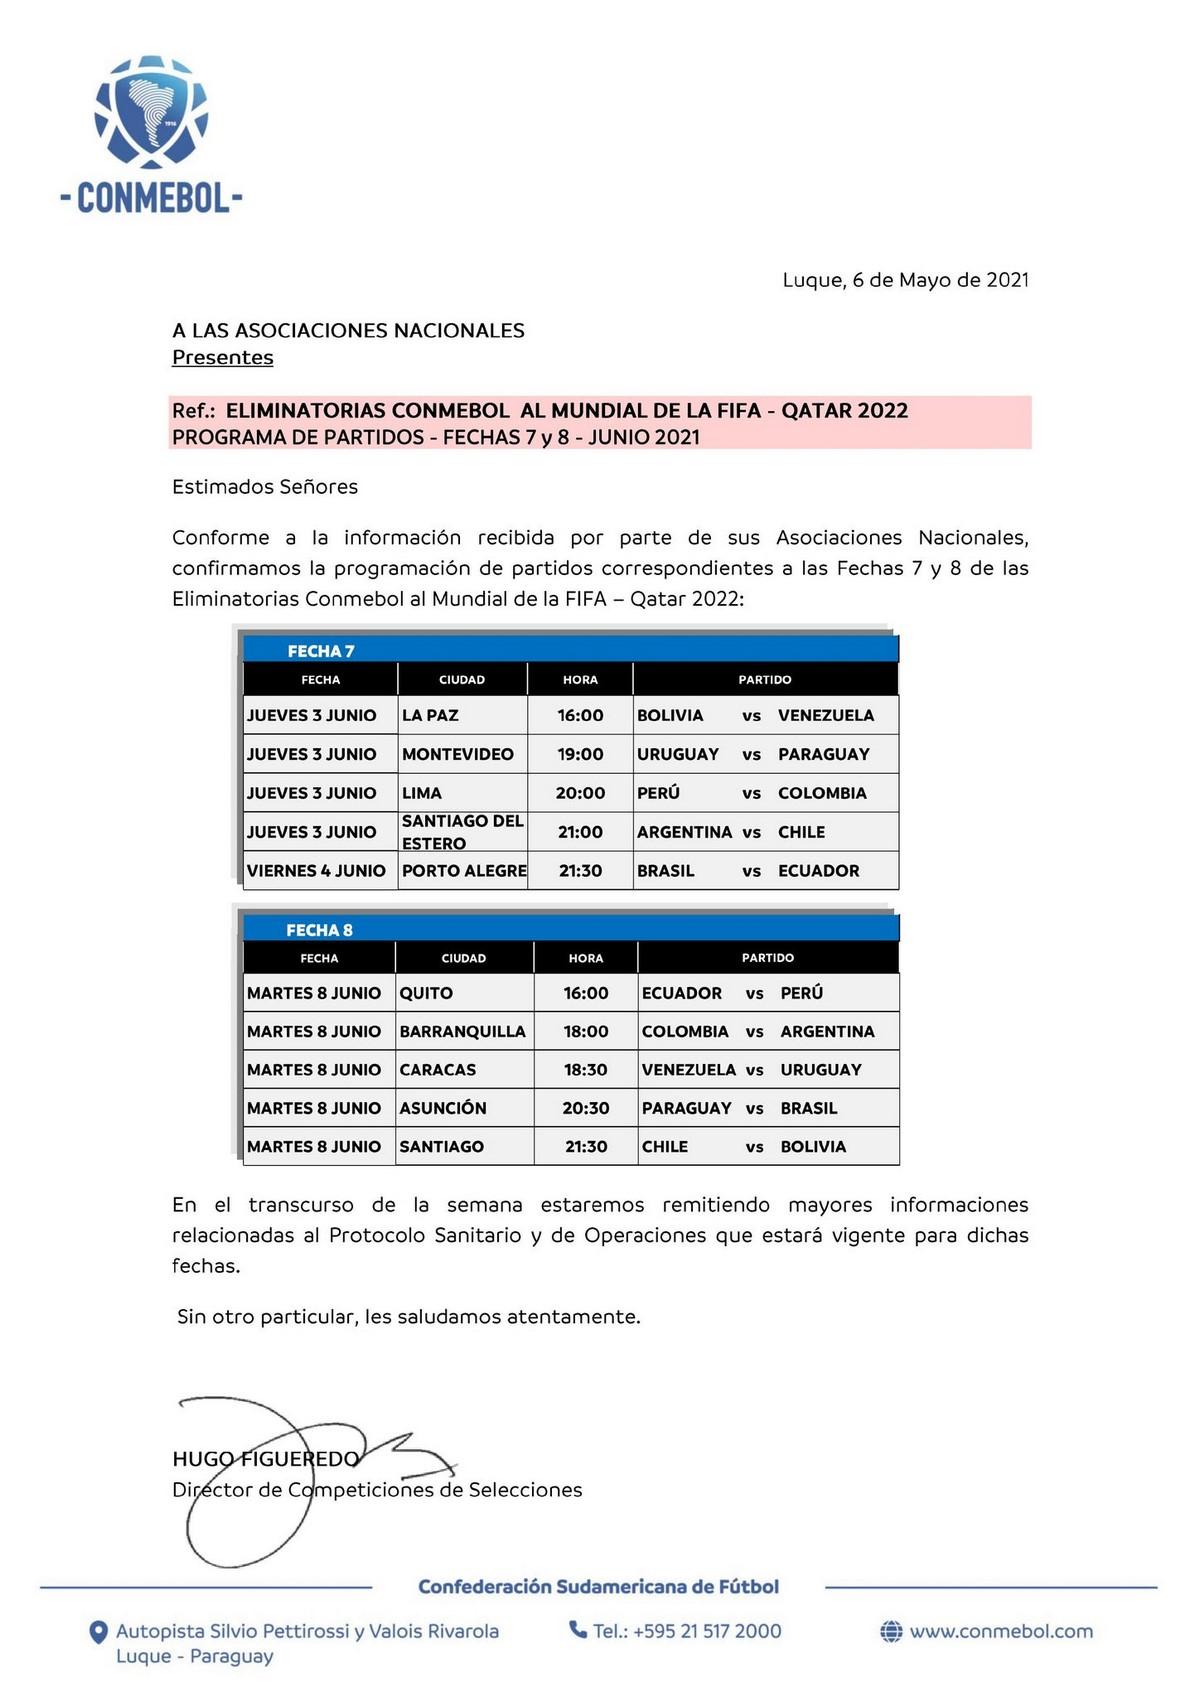 Programacion Eliminatorias e las fechas 7 y 8